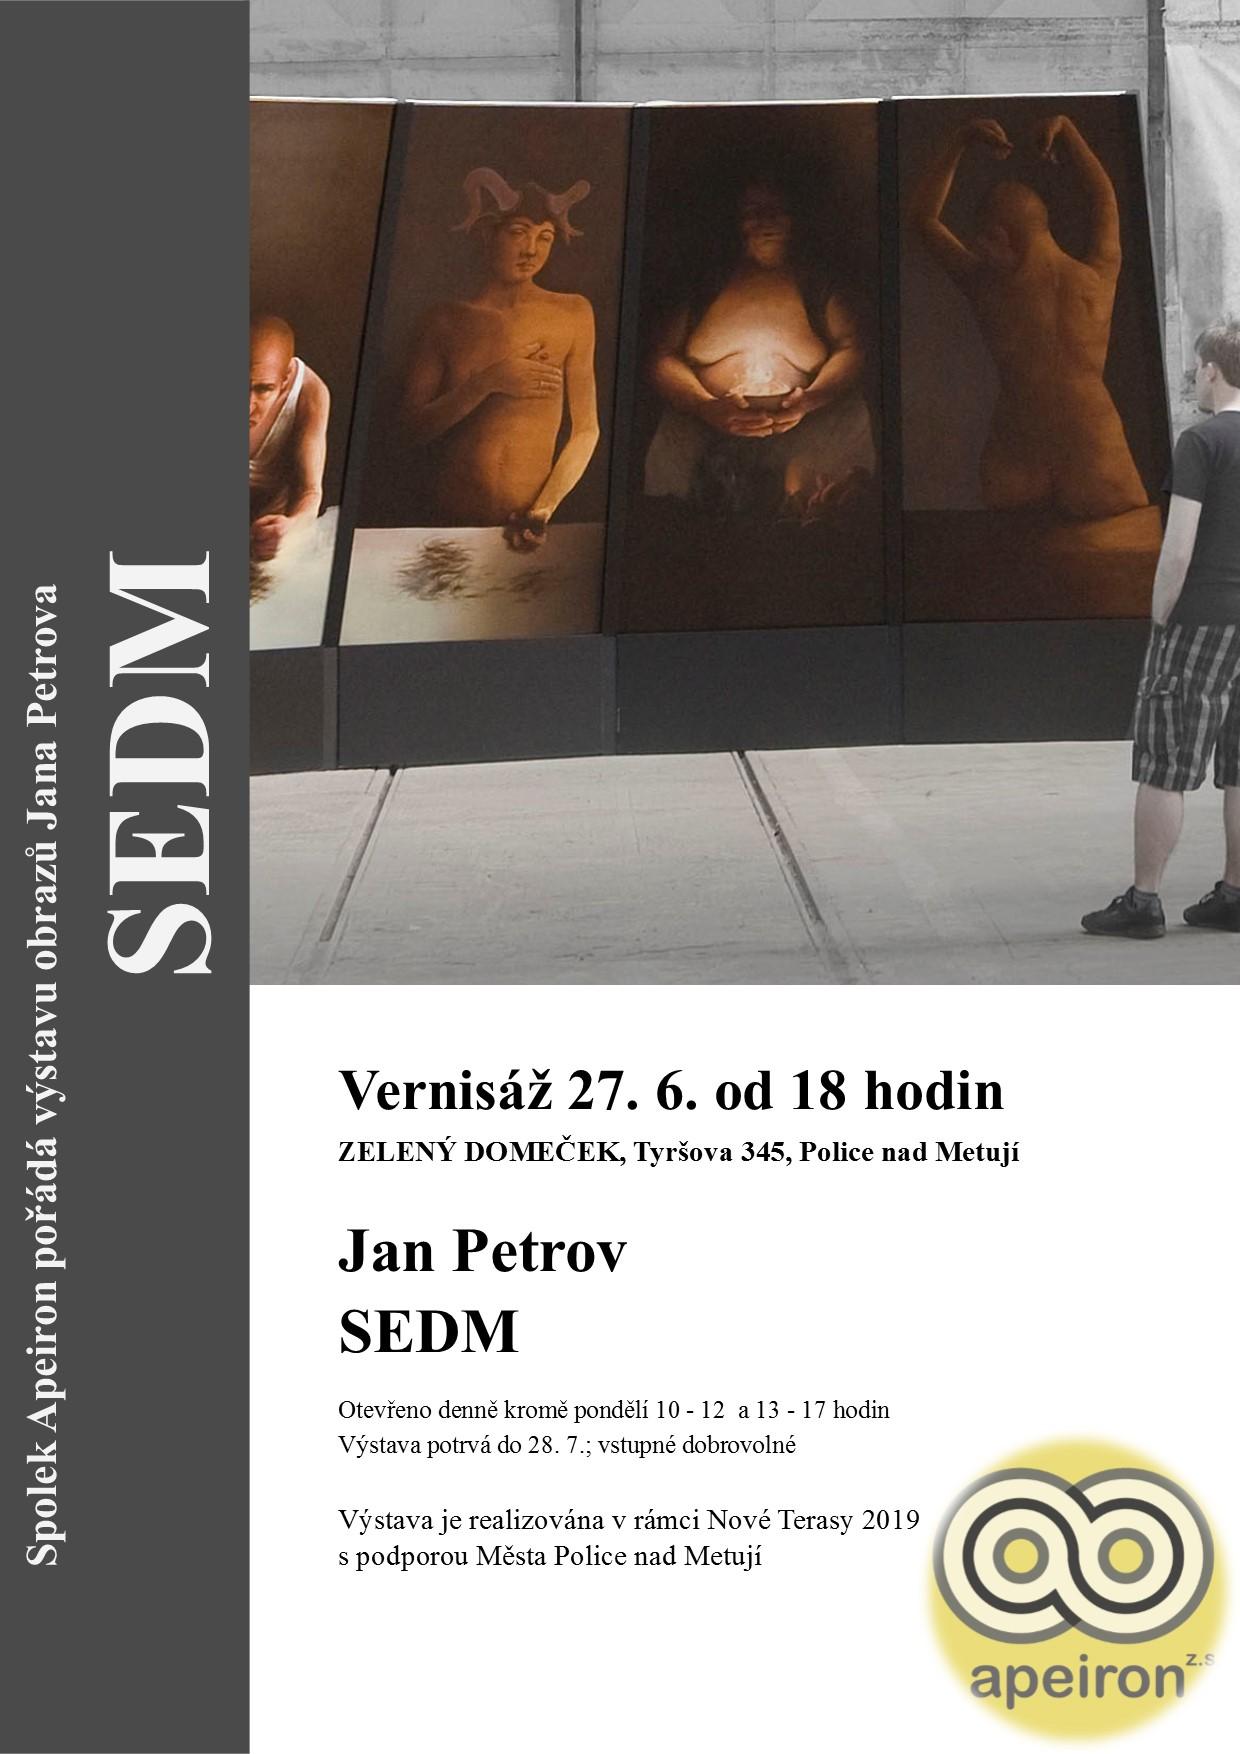 První polovina prázdnin bude ve Výstavní síni Zelený domeček v Polici nad Metují (Tyršova 345) ve znamení hyperrealismu. Spolek Apeiron připravil pro milovníky malby bonbónek v podobě výstavy Jana Petrova s názvem Sedm.